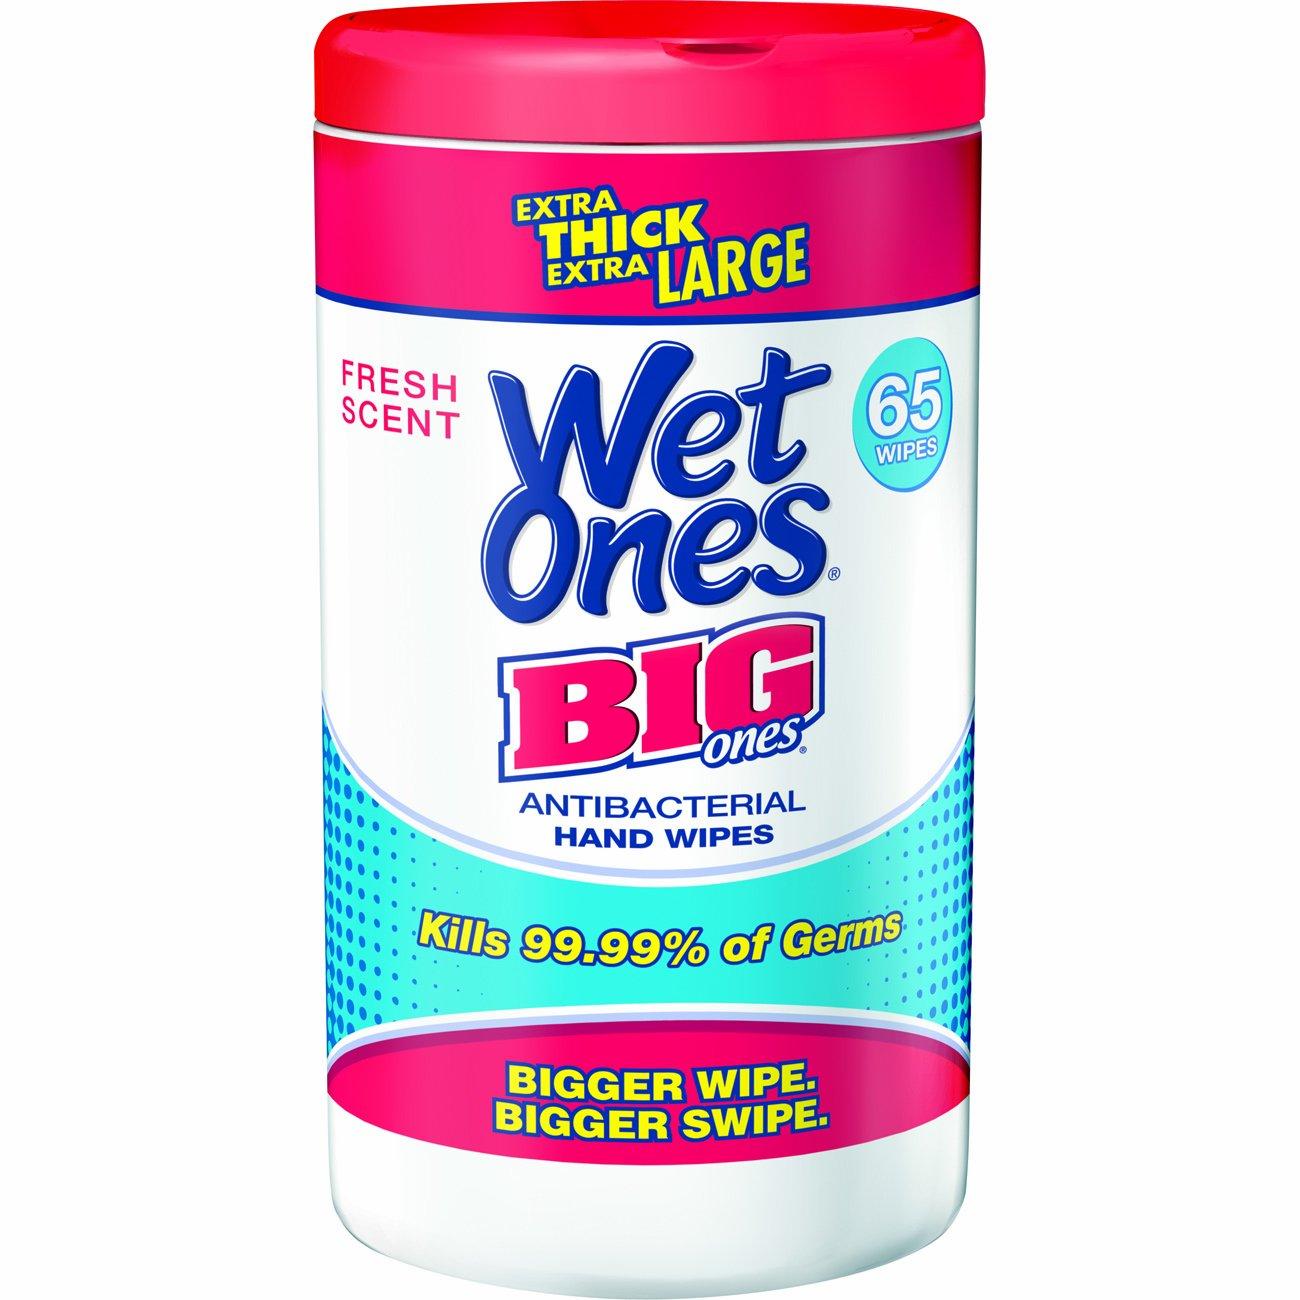 Wet Ones Big Ones Fresh Scent Antibacterial Wipes, 65 Count - Pack of 4 by Wet Ones